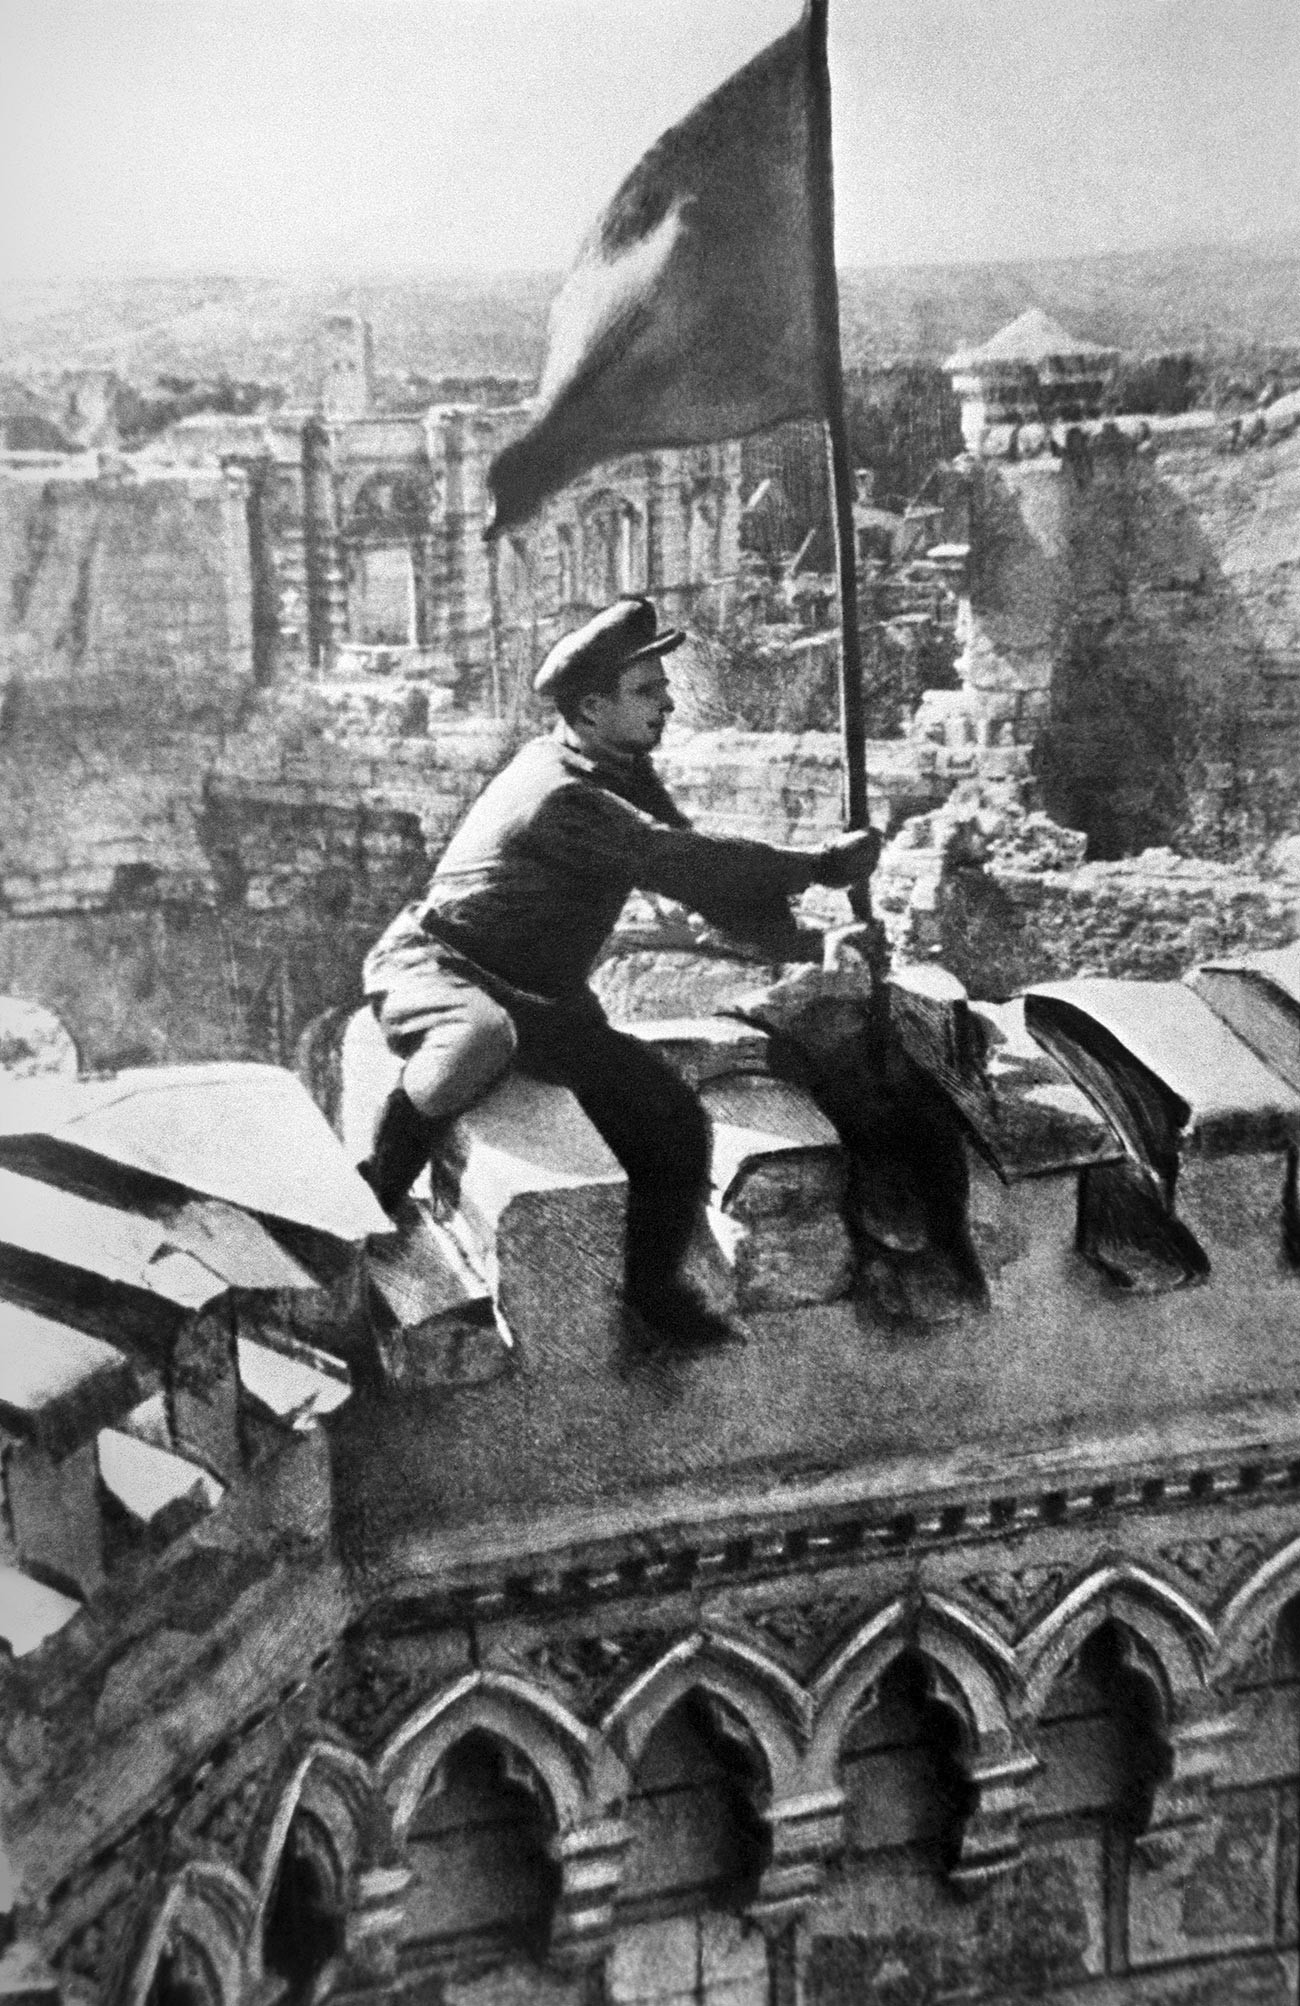 Водружение Знамени Победы над освобожденным Кишиневом, 1944